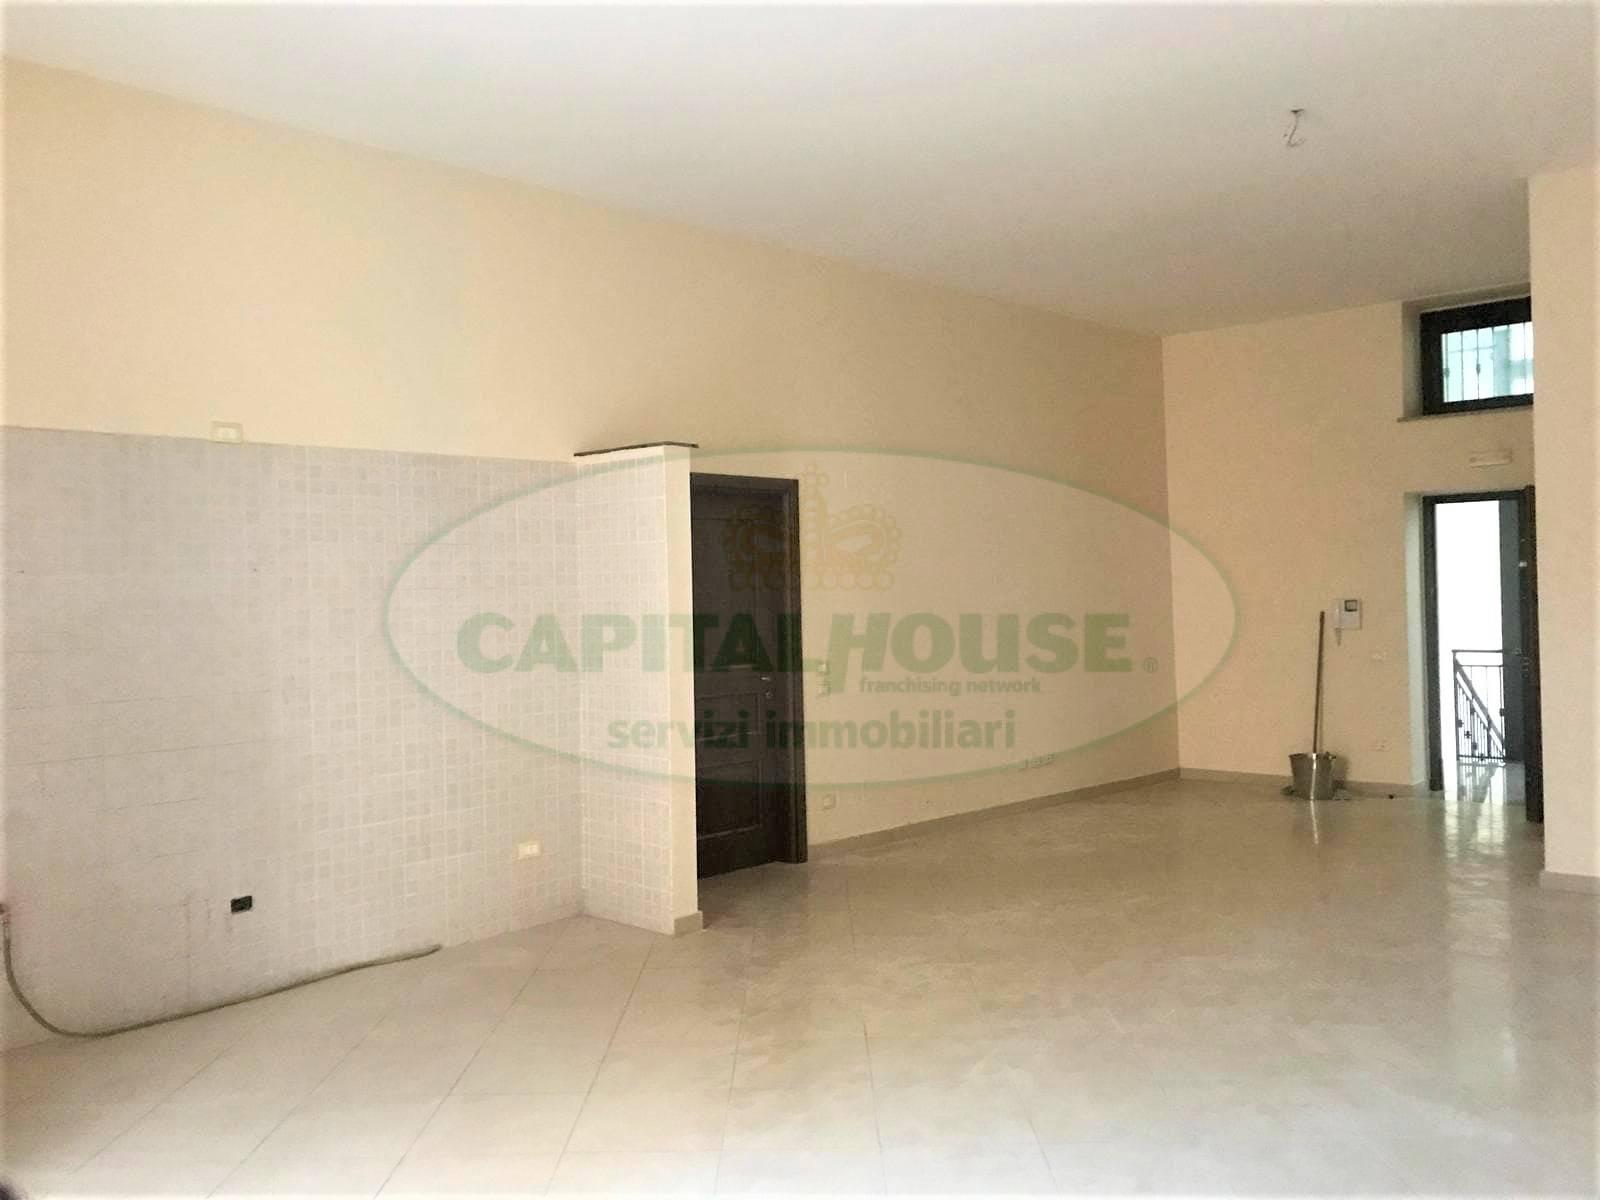 Appartamento in affitto a Avella, 3 locali, prezzo € 500 | CambioCasa.it